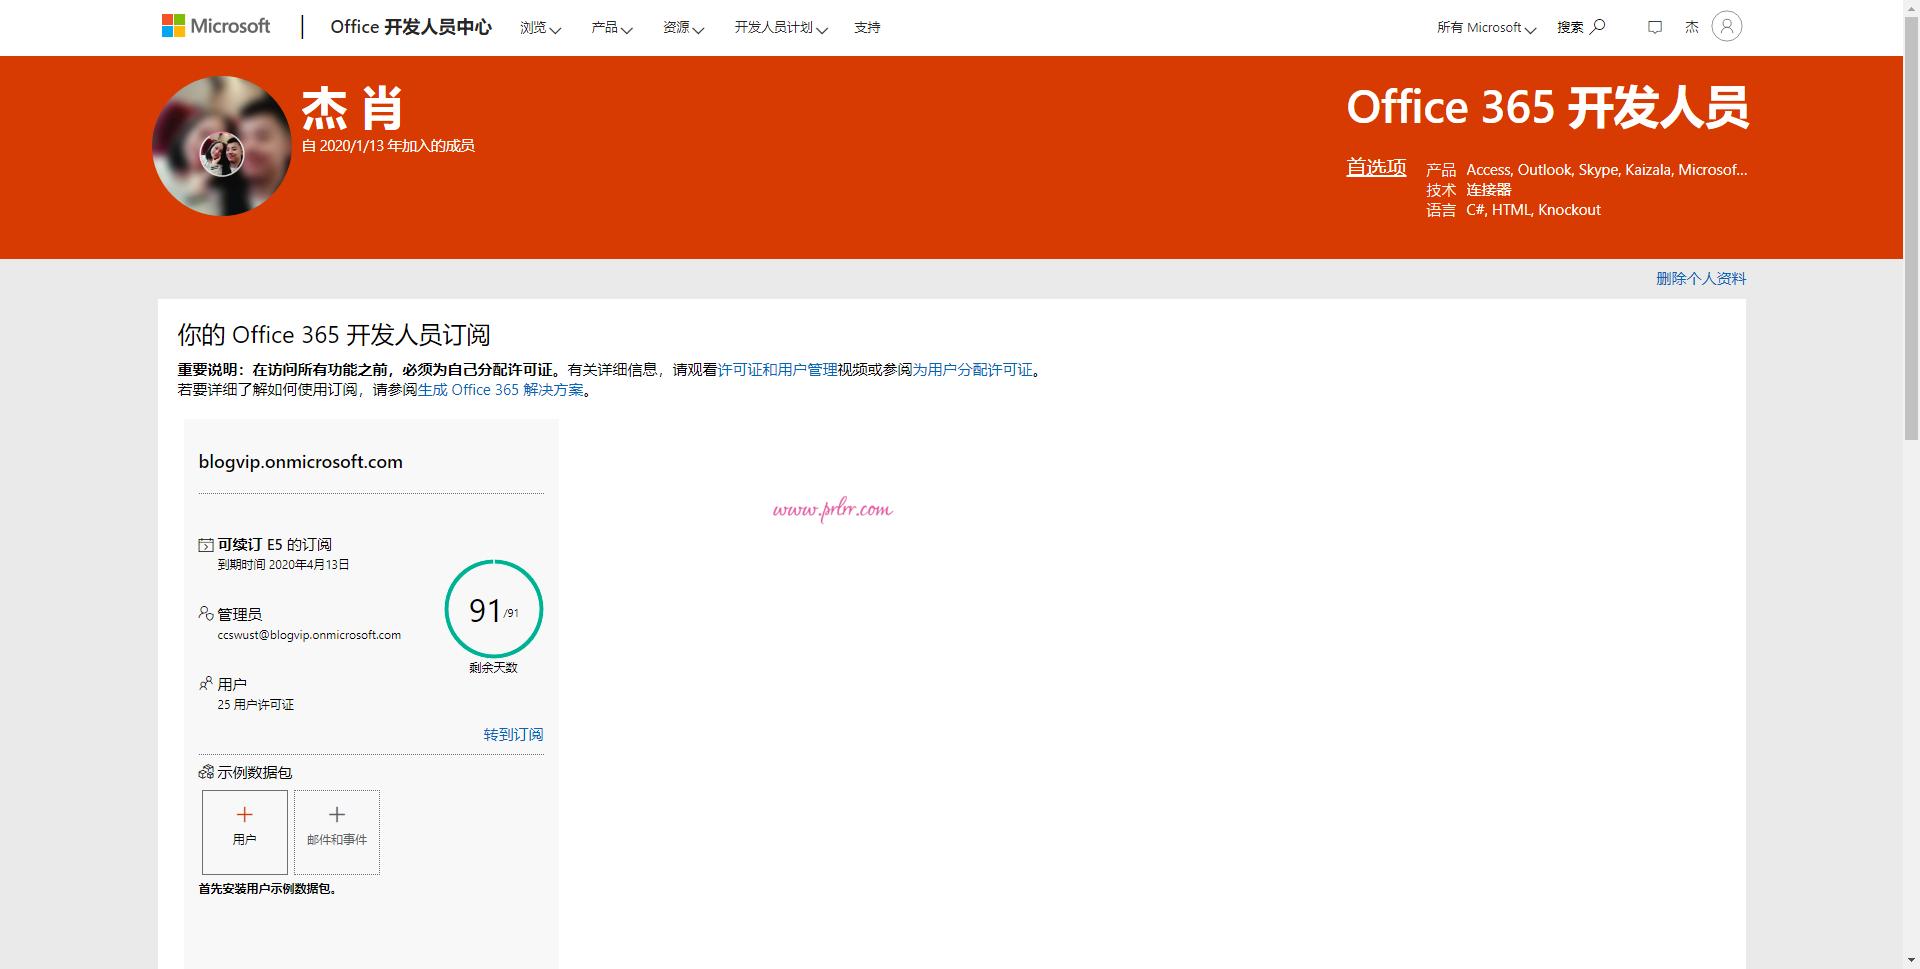 免费申请#Office365 E5 开发者订阅#3个月并附无限续期教程